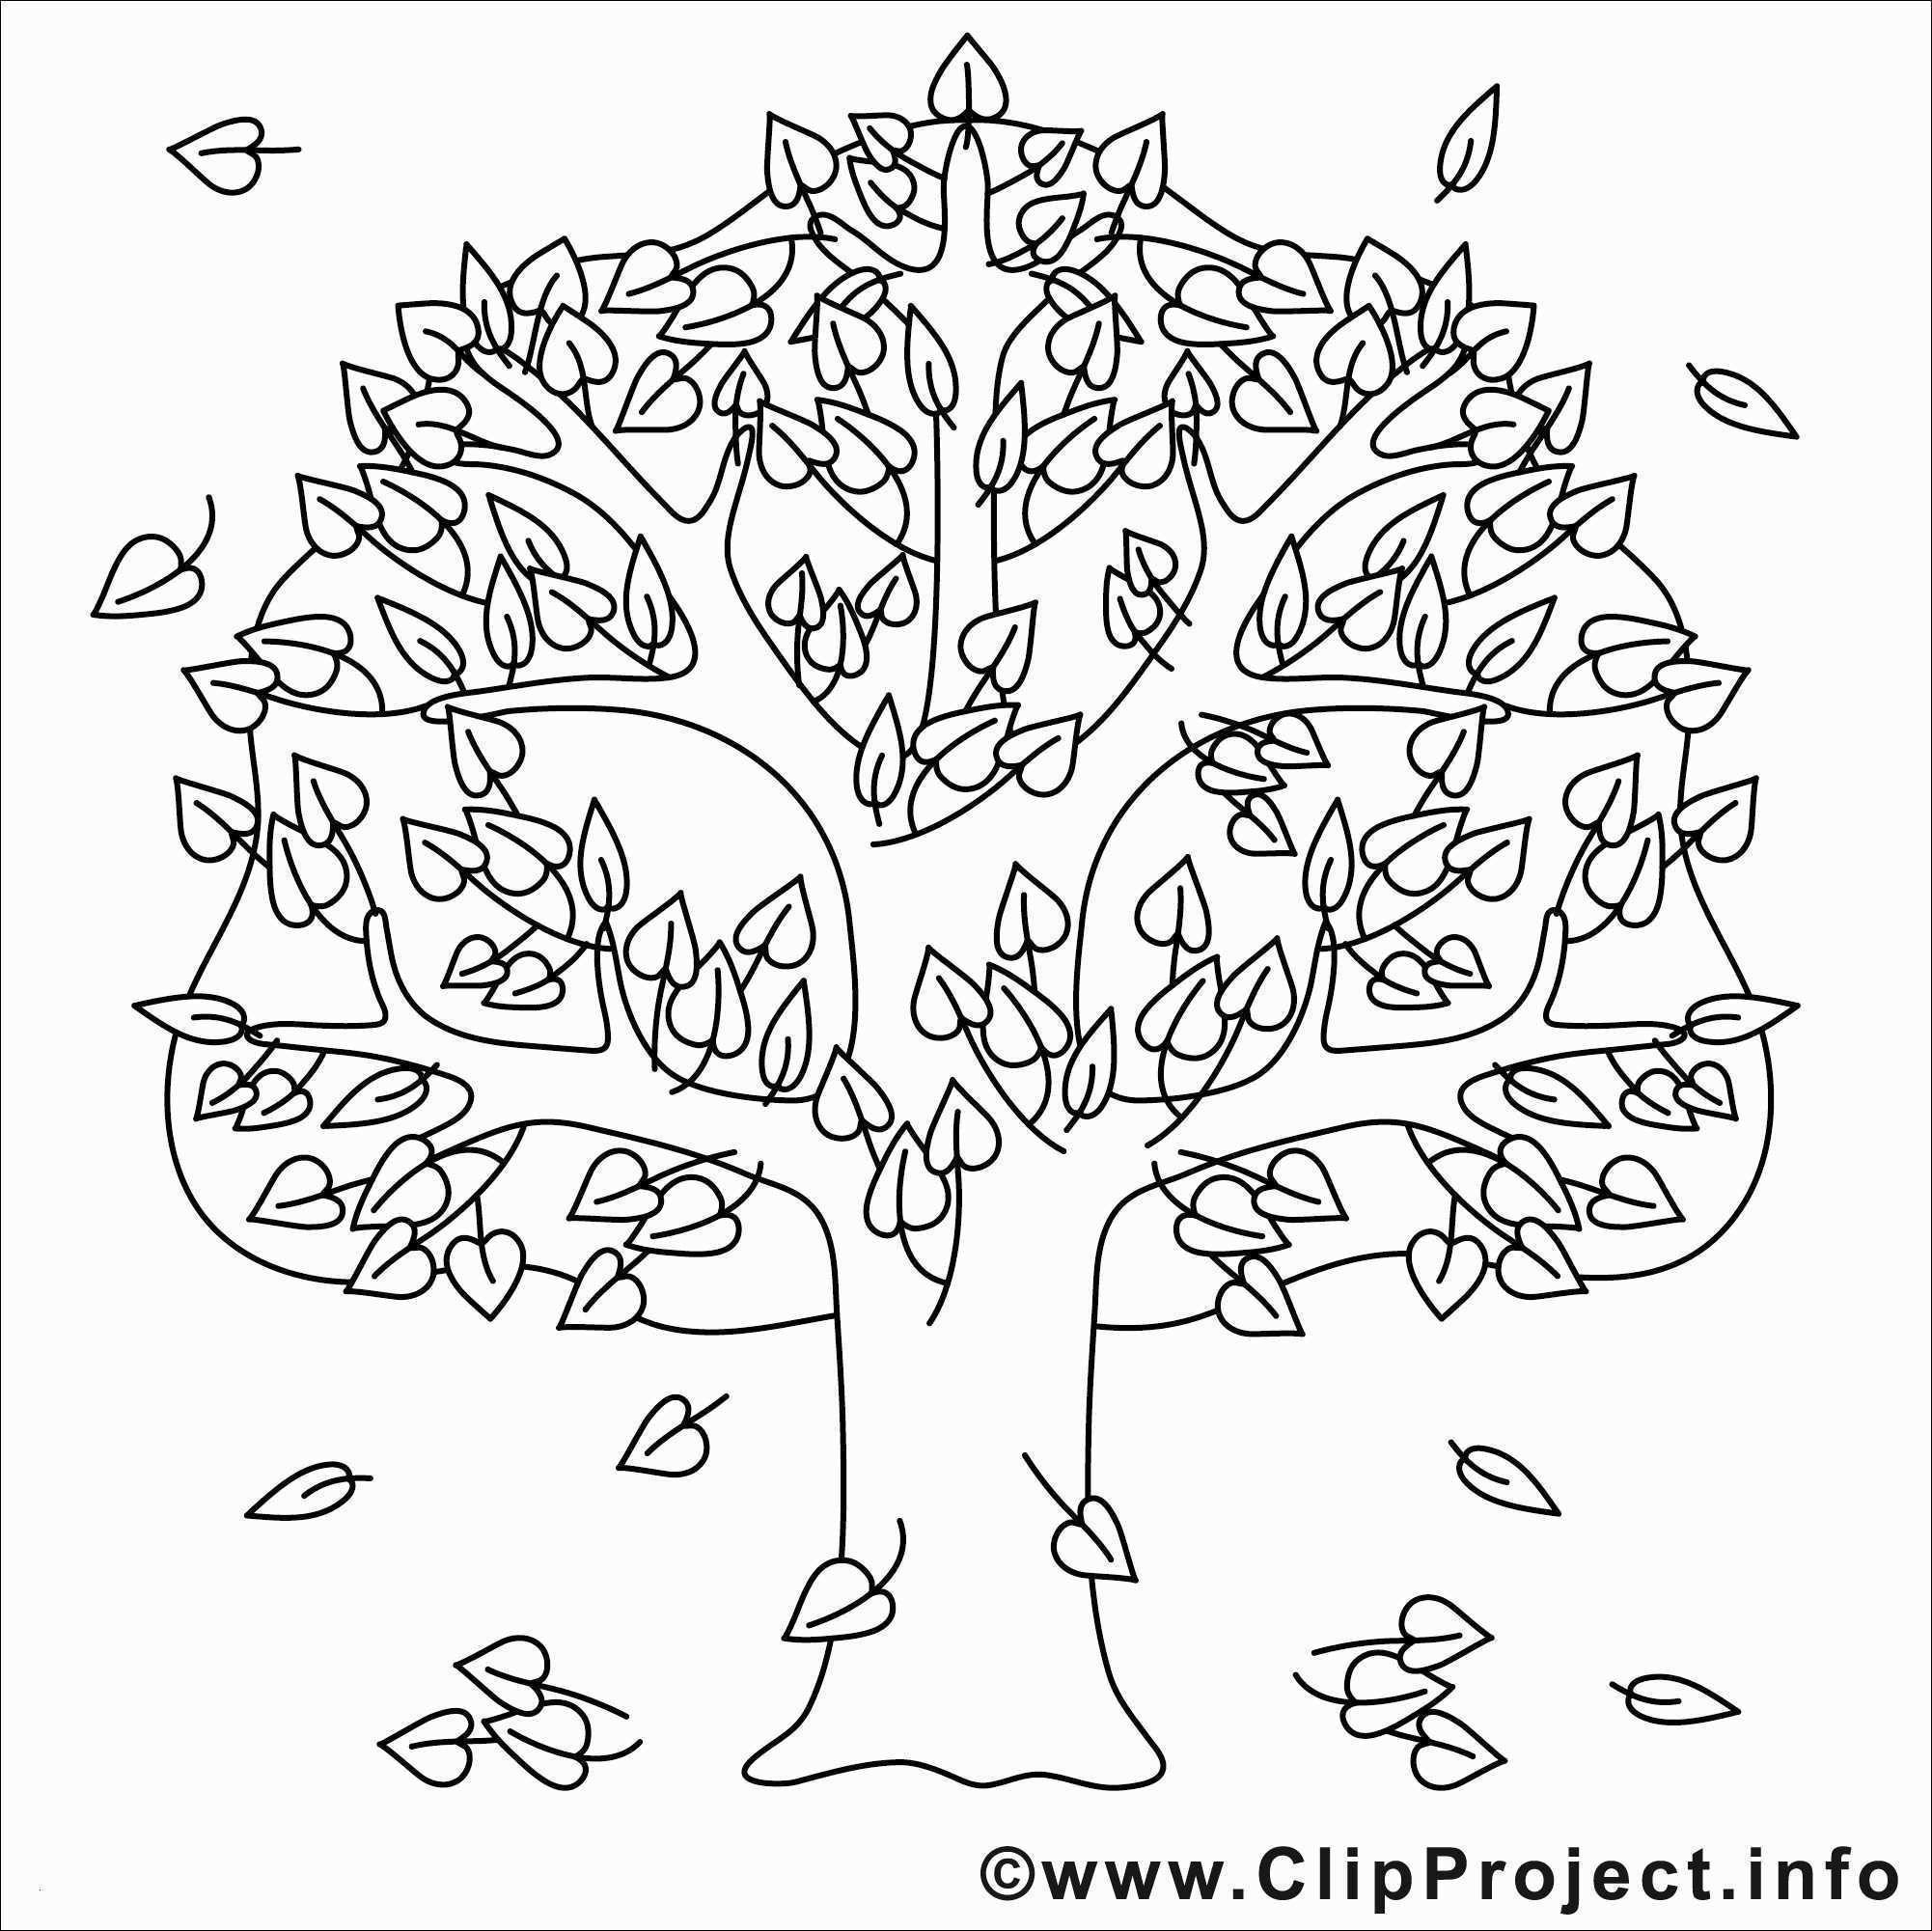 Malvorlage Baum Mit Wurzeln Inspirierend Kahler Baum Malvorlage Aufnahme 40 Malvorlagen Herbst Baum Das Bild